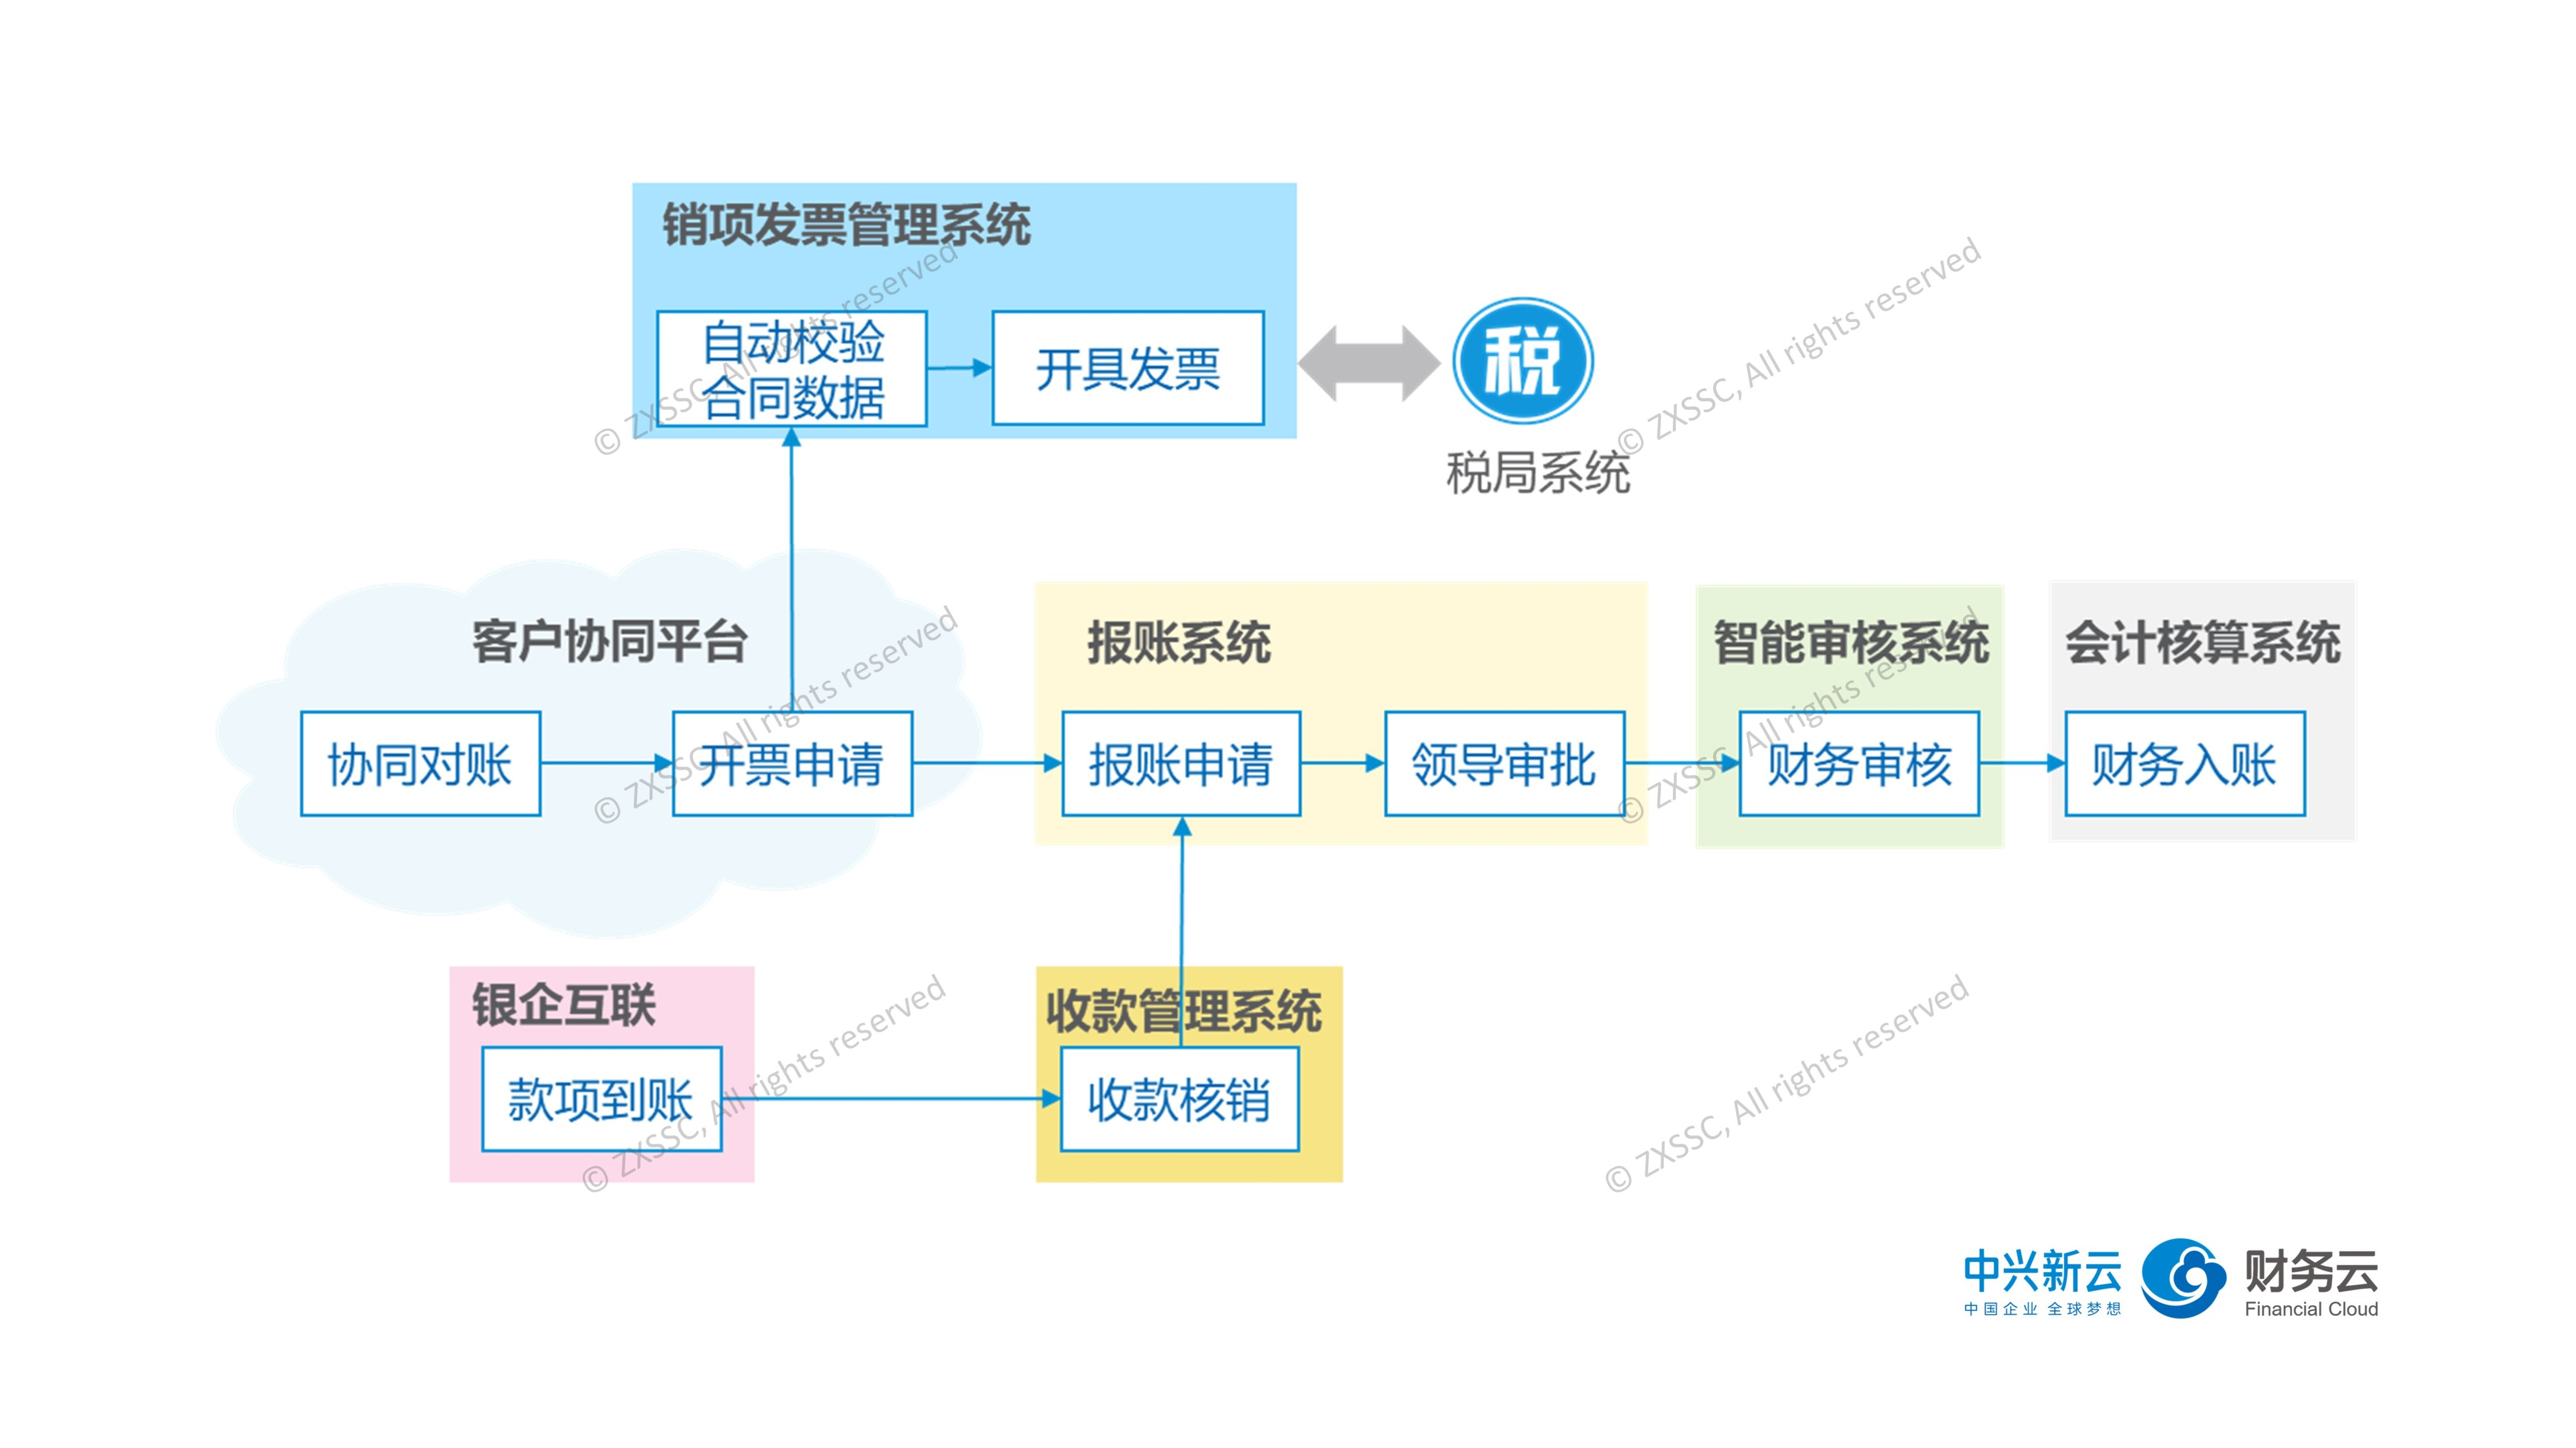 专票电子化PPT (5).jpg